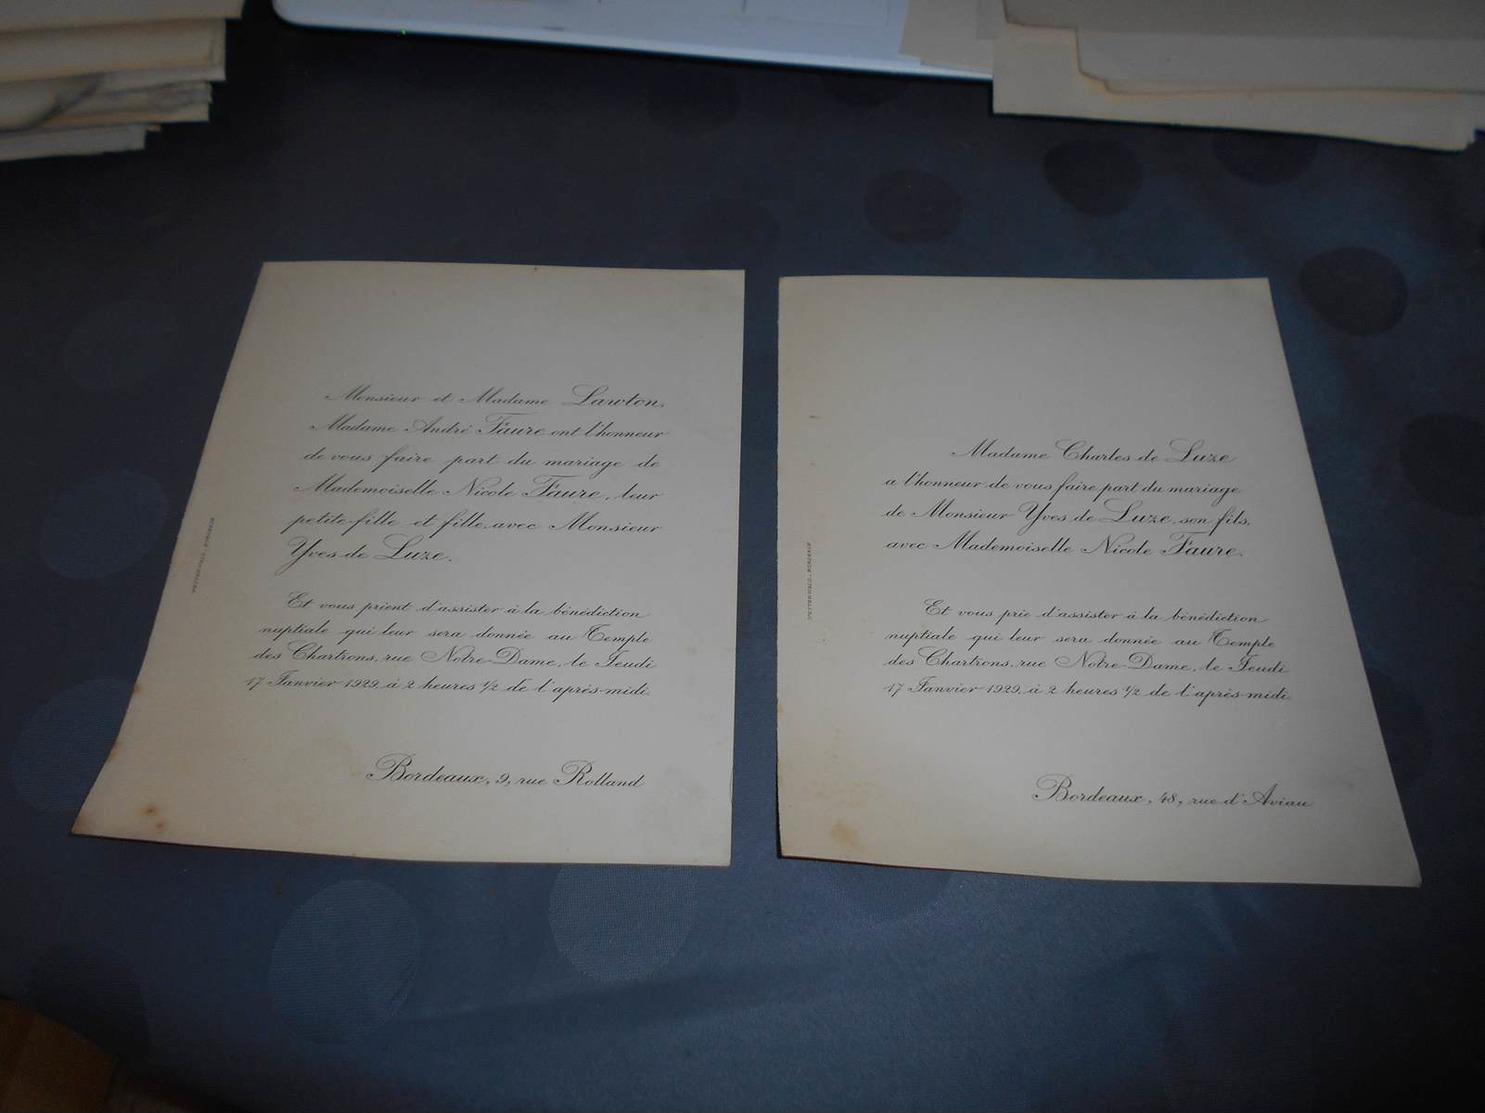 182 - Faire-Part De Mariage, Monsieur Yves DE LUZE Avec Mlle. Nicole FAURE, Le 17 Janvier 1929 à Bordeaux - Mariage